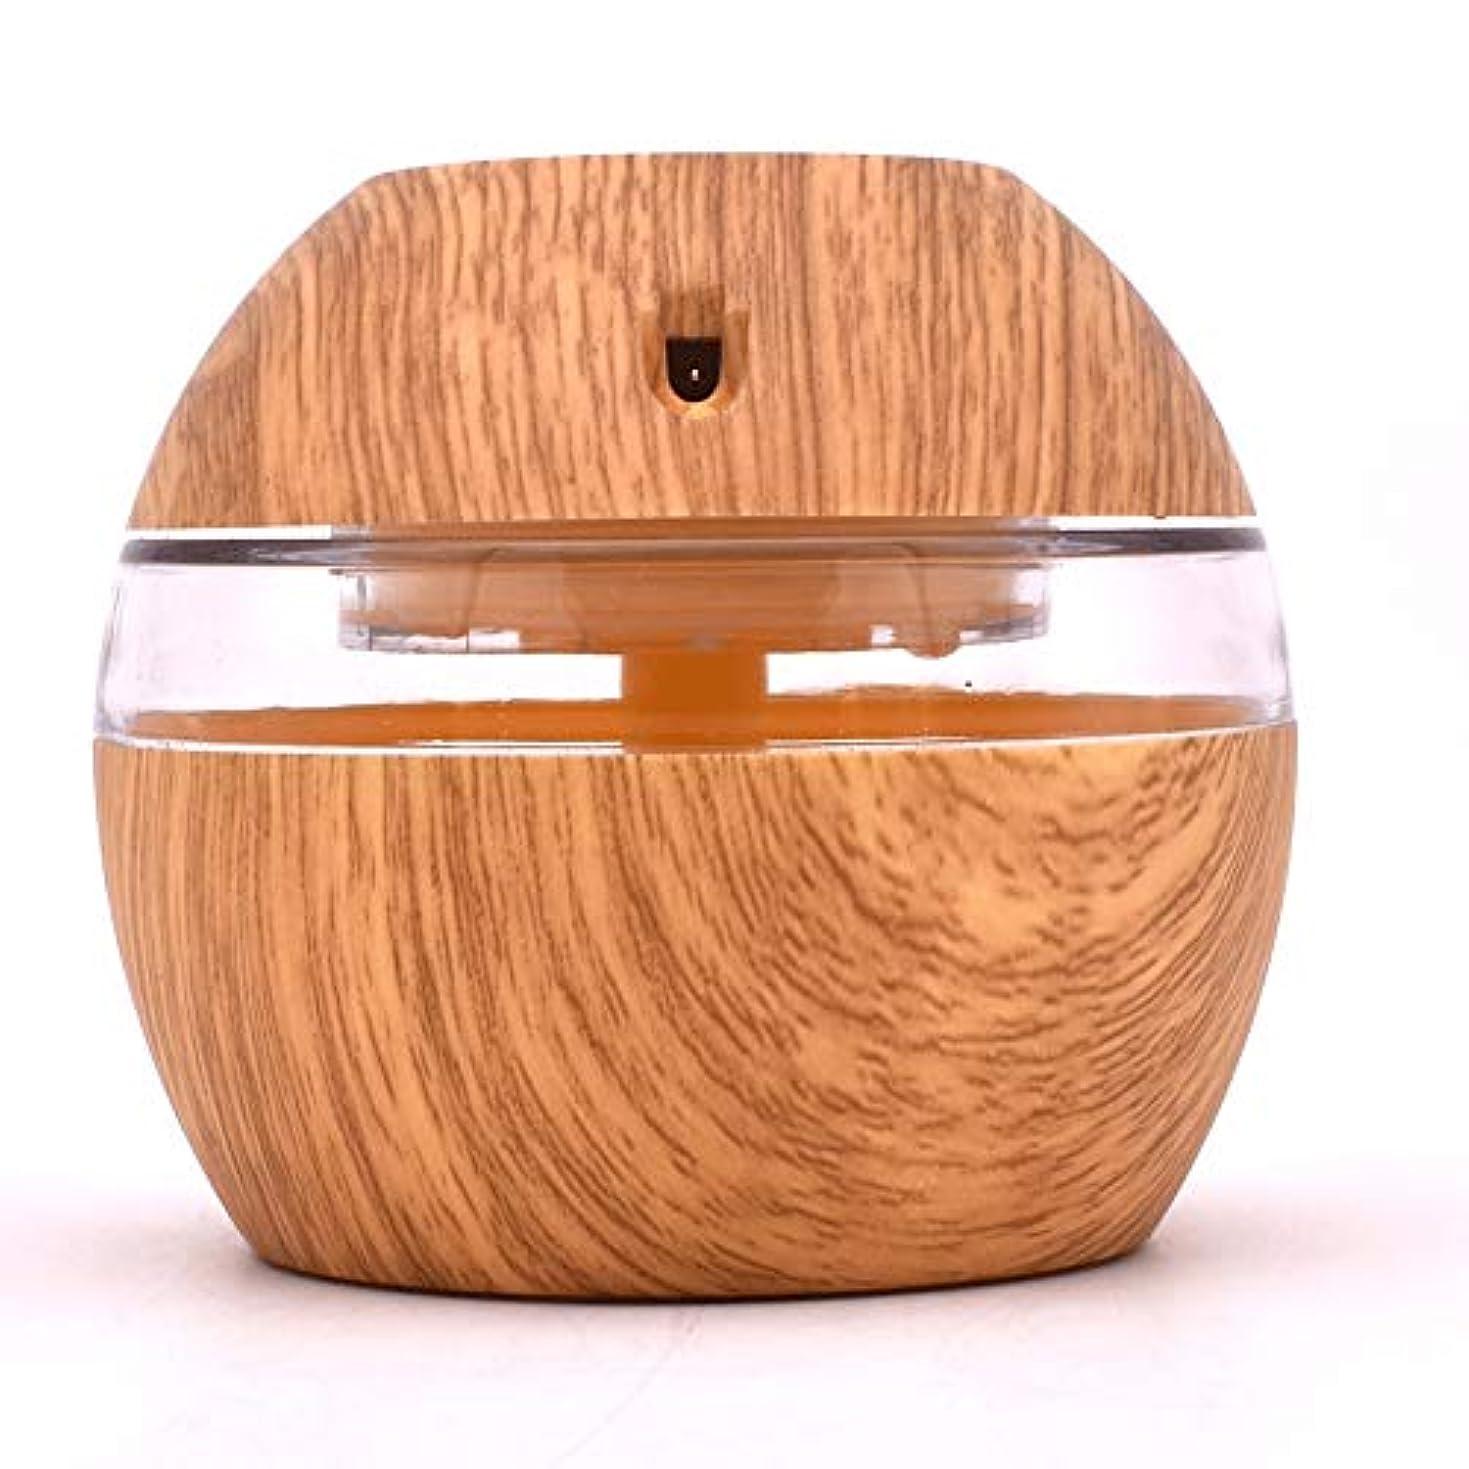 準拠航海納税者300ML Aroma Diffuser Essential Oil Diffuser With 7 Color LED Lights Waterless Auto Off